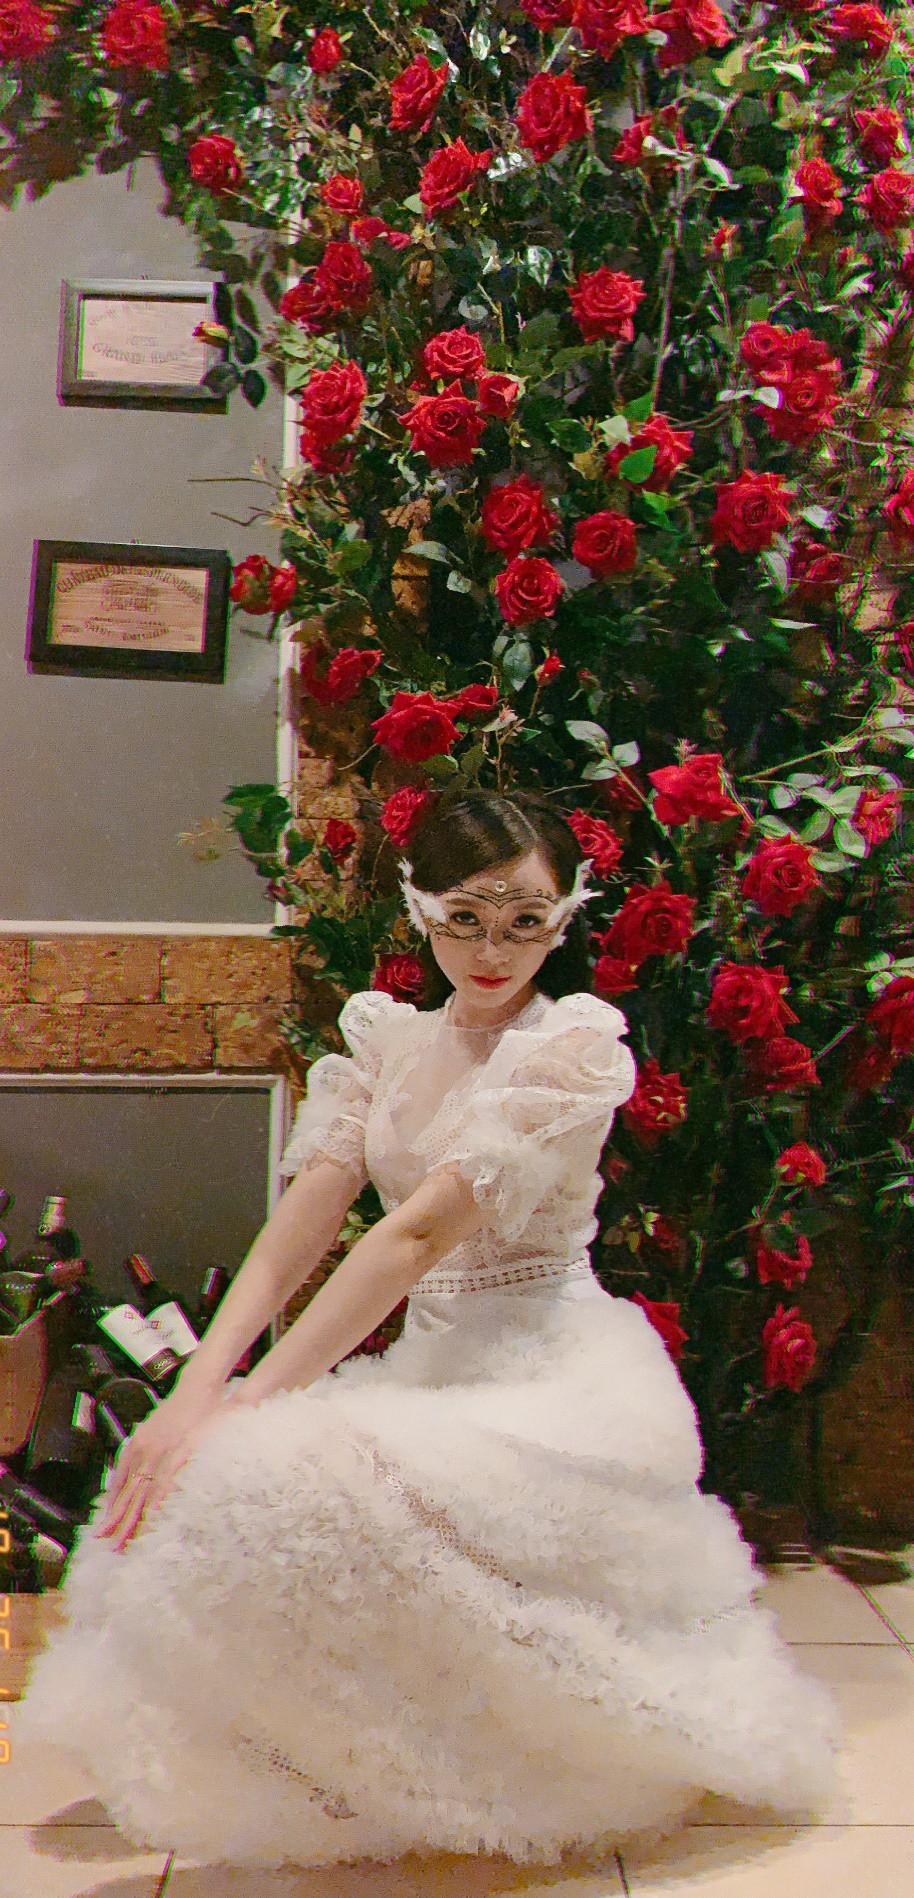 Hội chị em của Quỳnh Kool khiến cộng đồng mạng đứng ngồi không yên với tiệc Halloween quá chất - Ảnh 3.